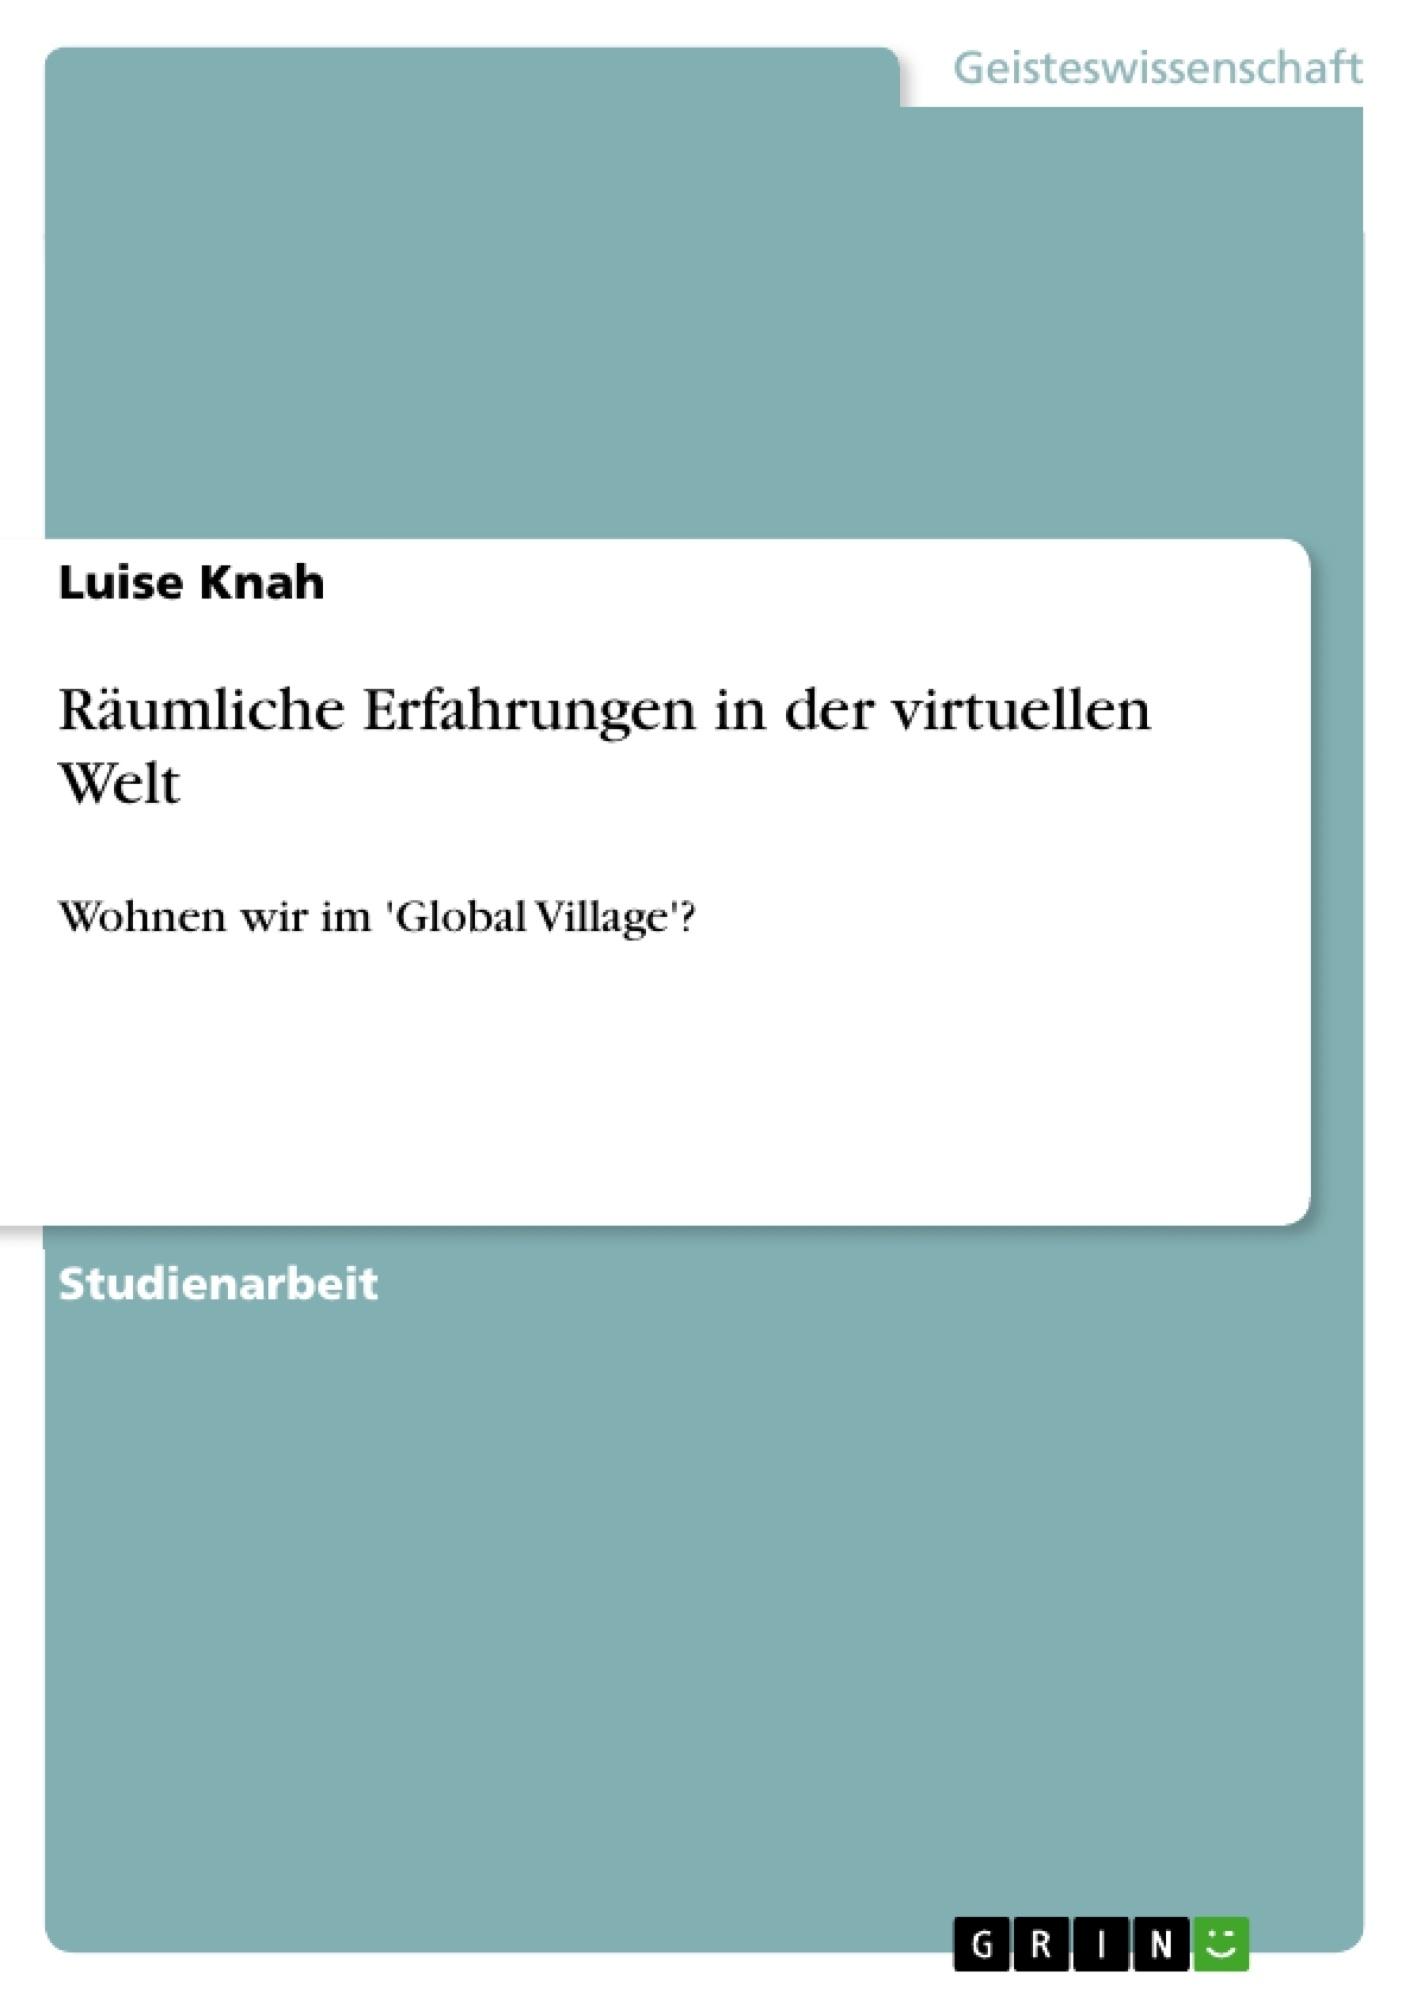 Titel: Räumliche Erfahrungen in der virtuellen Welt